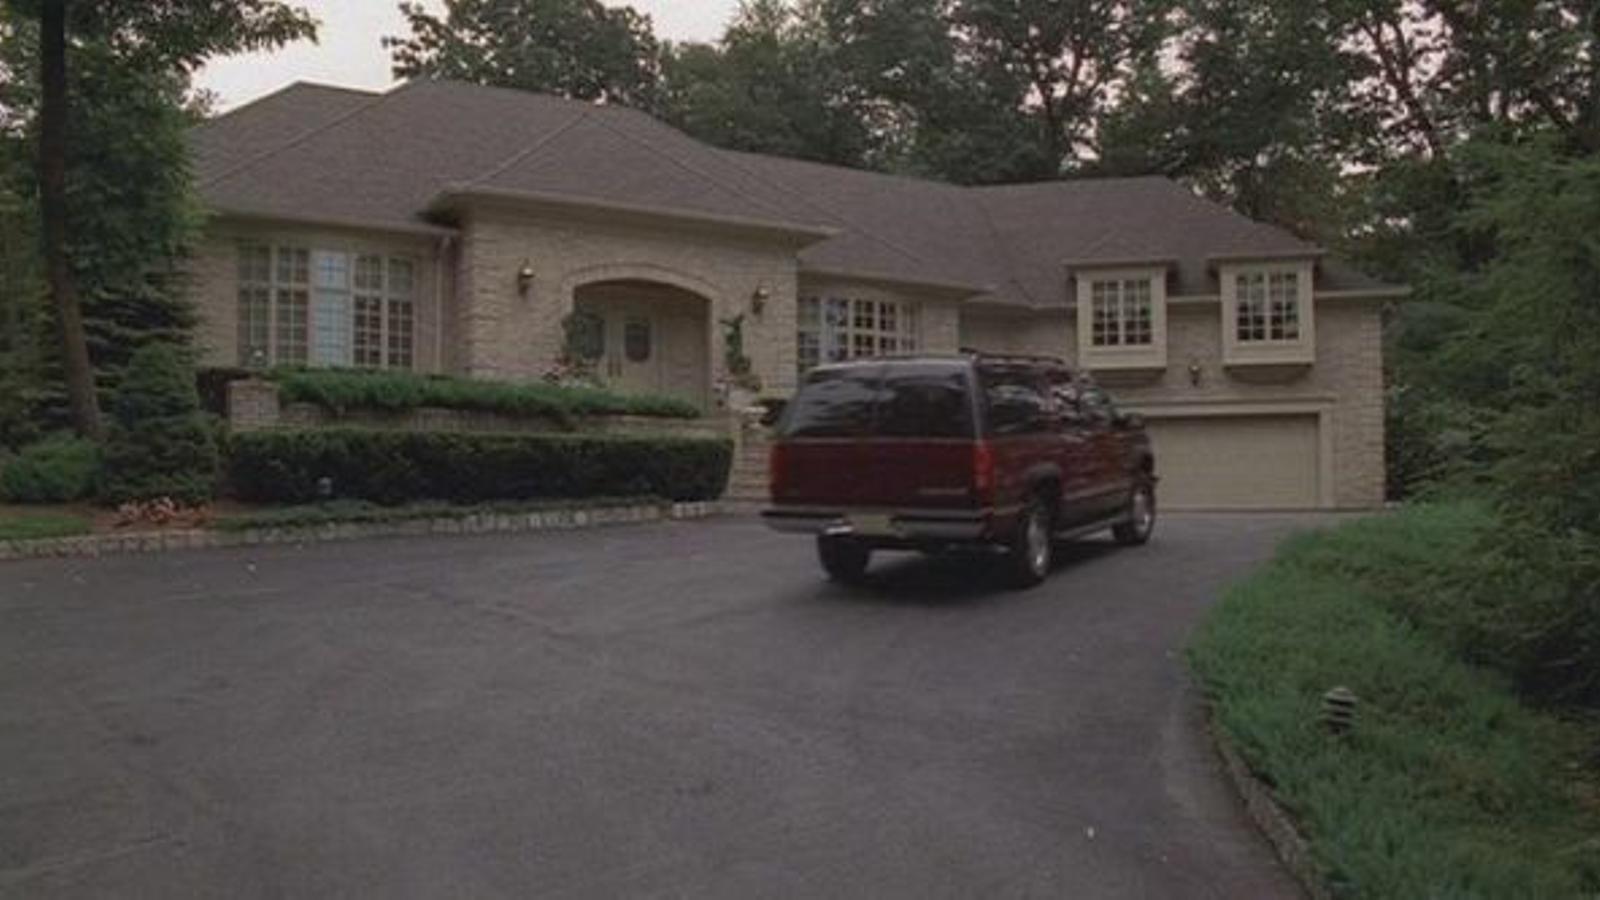 Comprar la casa de Tony Soprano costa 3,4 milions de dòlars